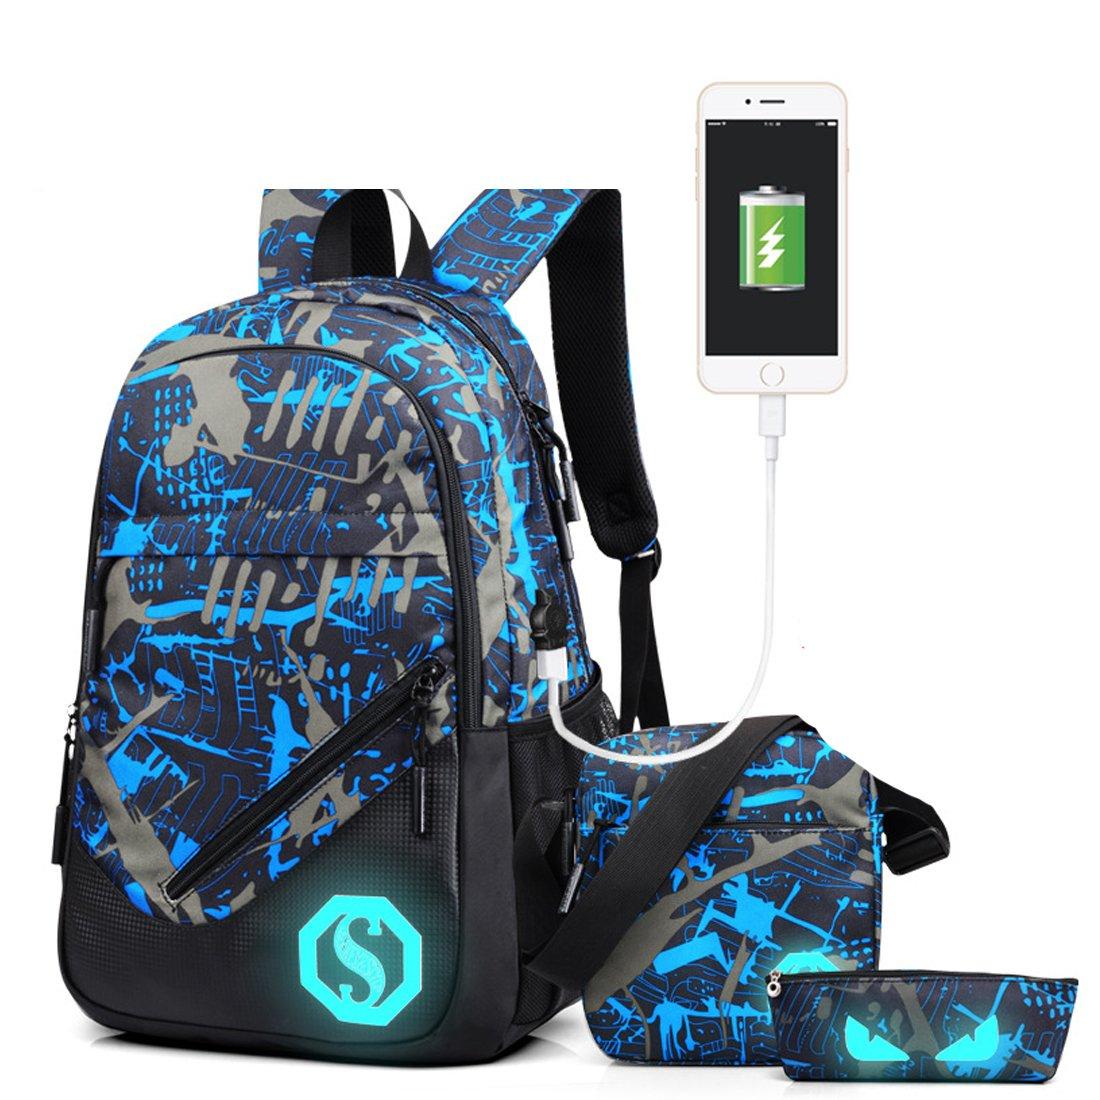 UNYU 3 Pieces School Bags, Set de Sac scolaire Garçon Bleu bleu Taille Unique